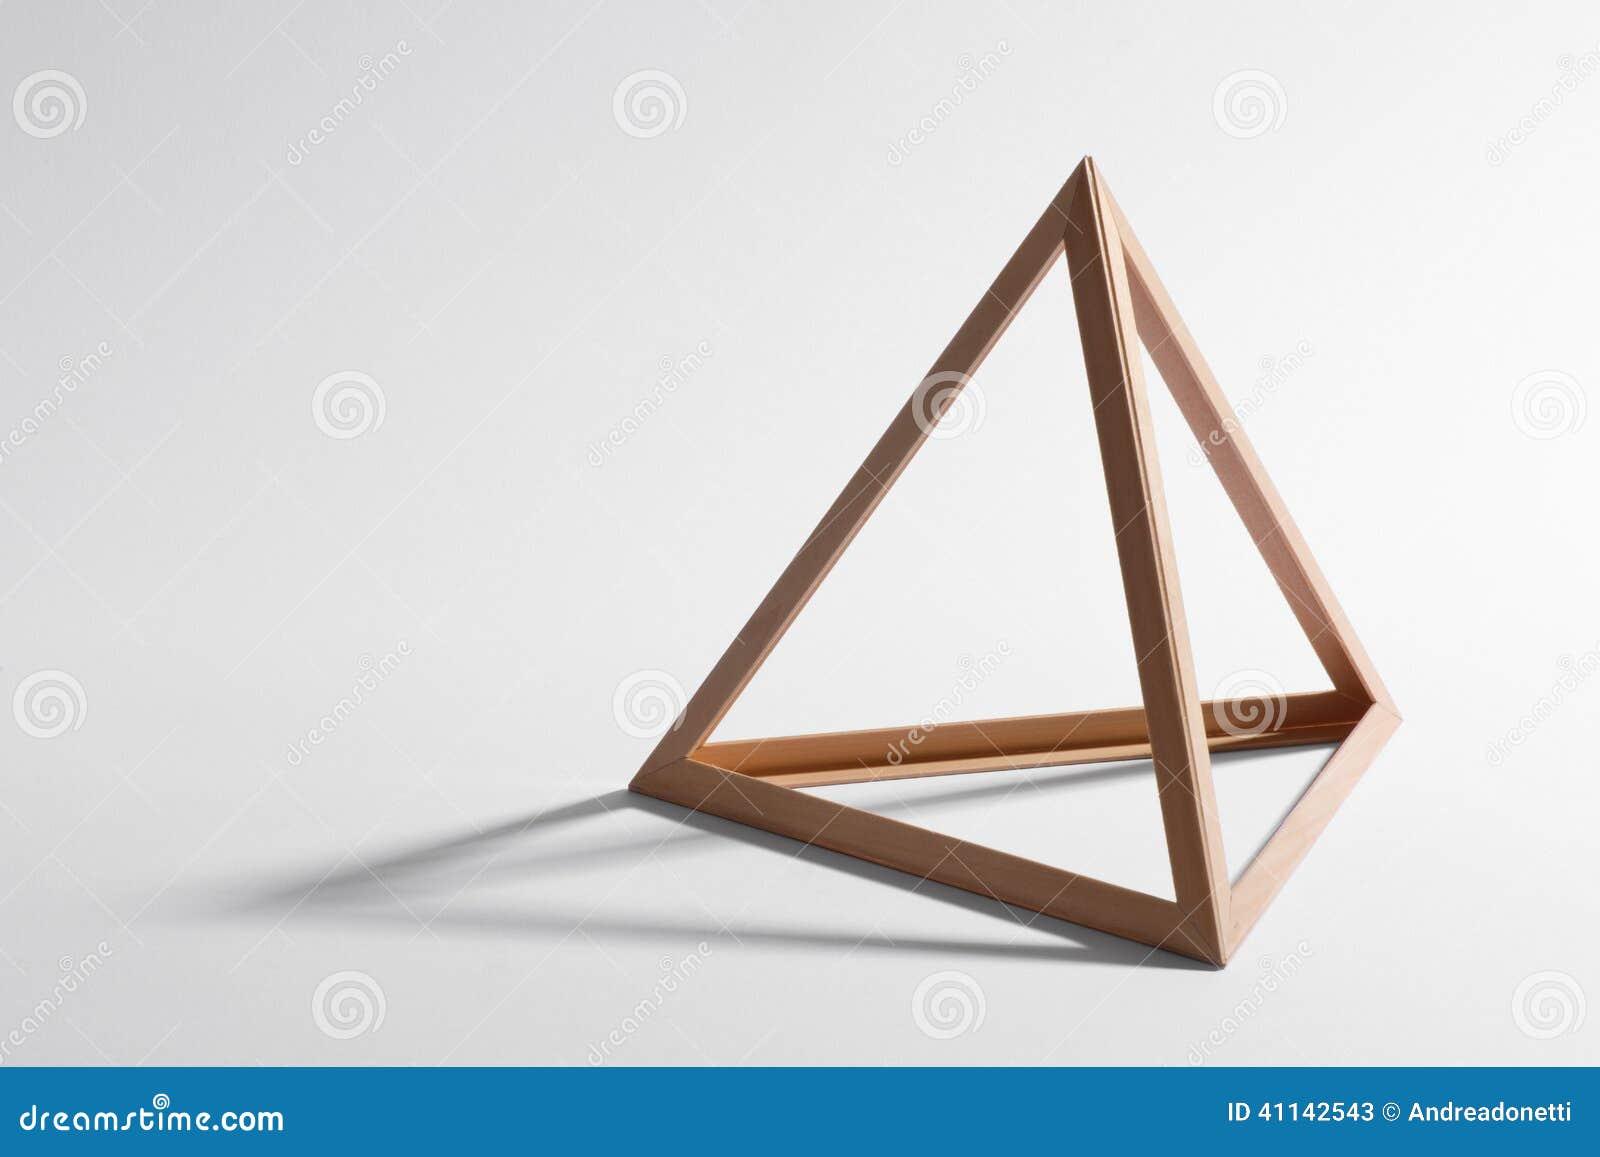 cadre triangulaire en bois image stock image du triangle 41142543. Black Bedroom Furniture Sets. Home Design Ideas